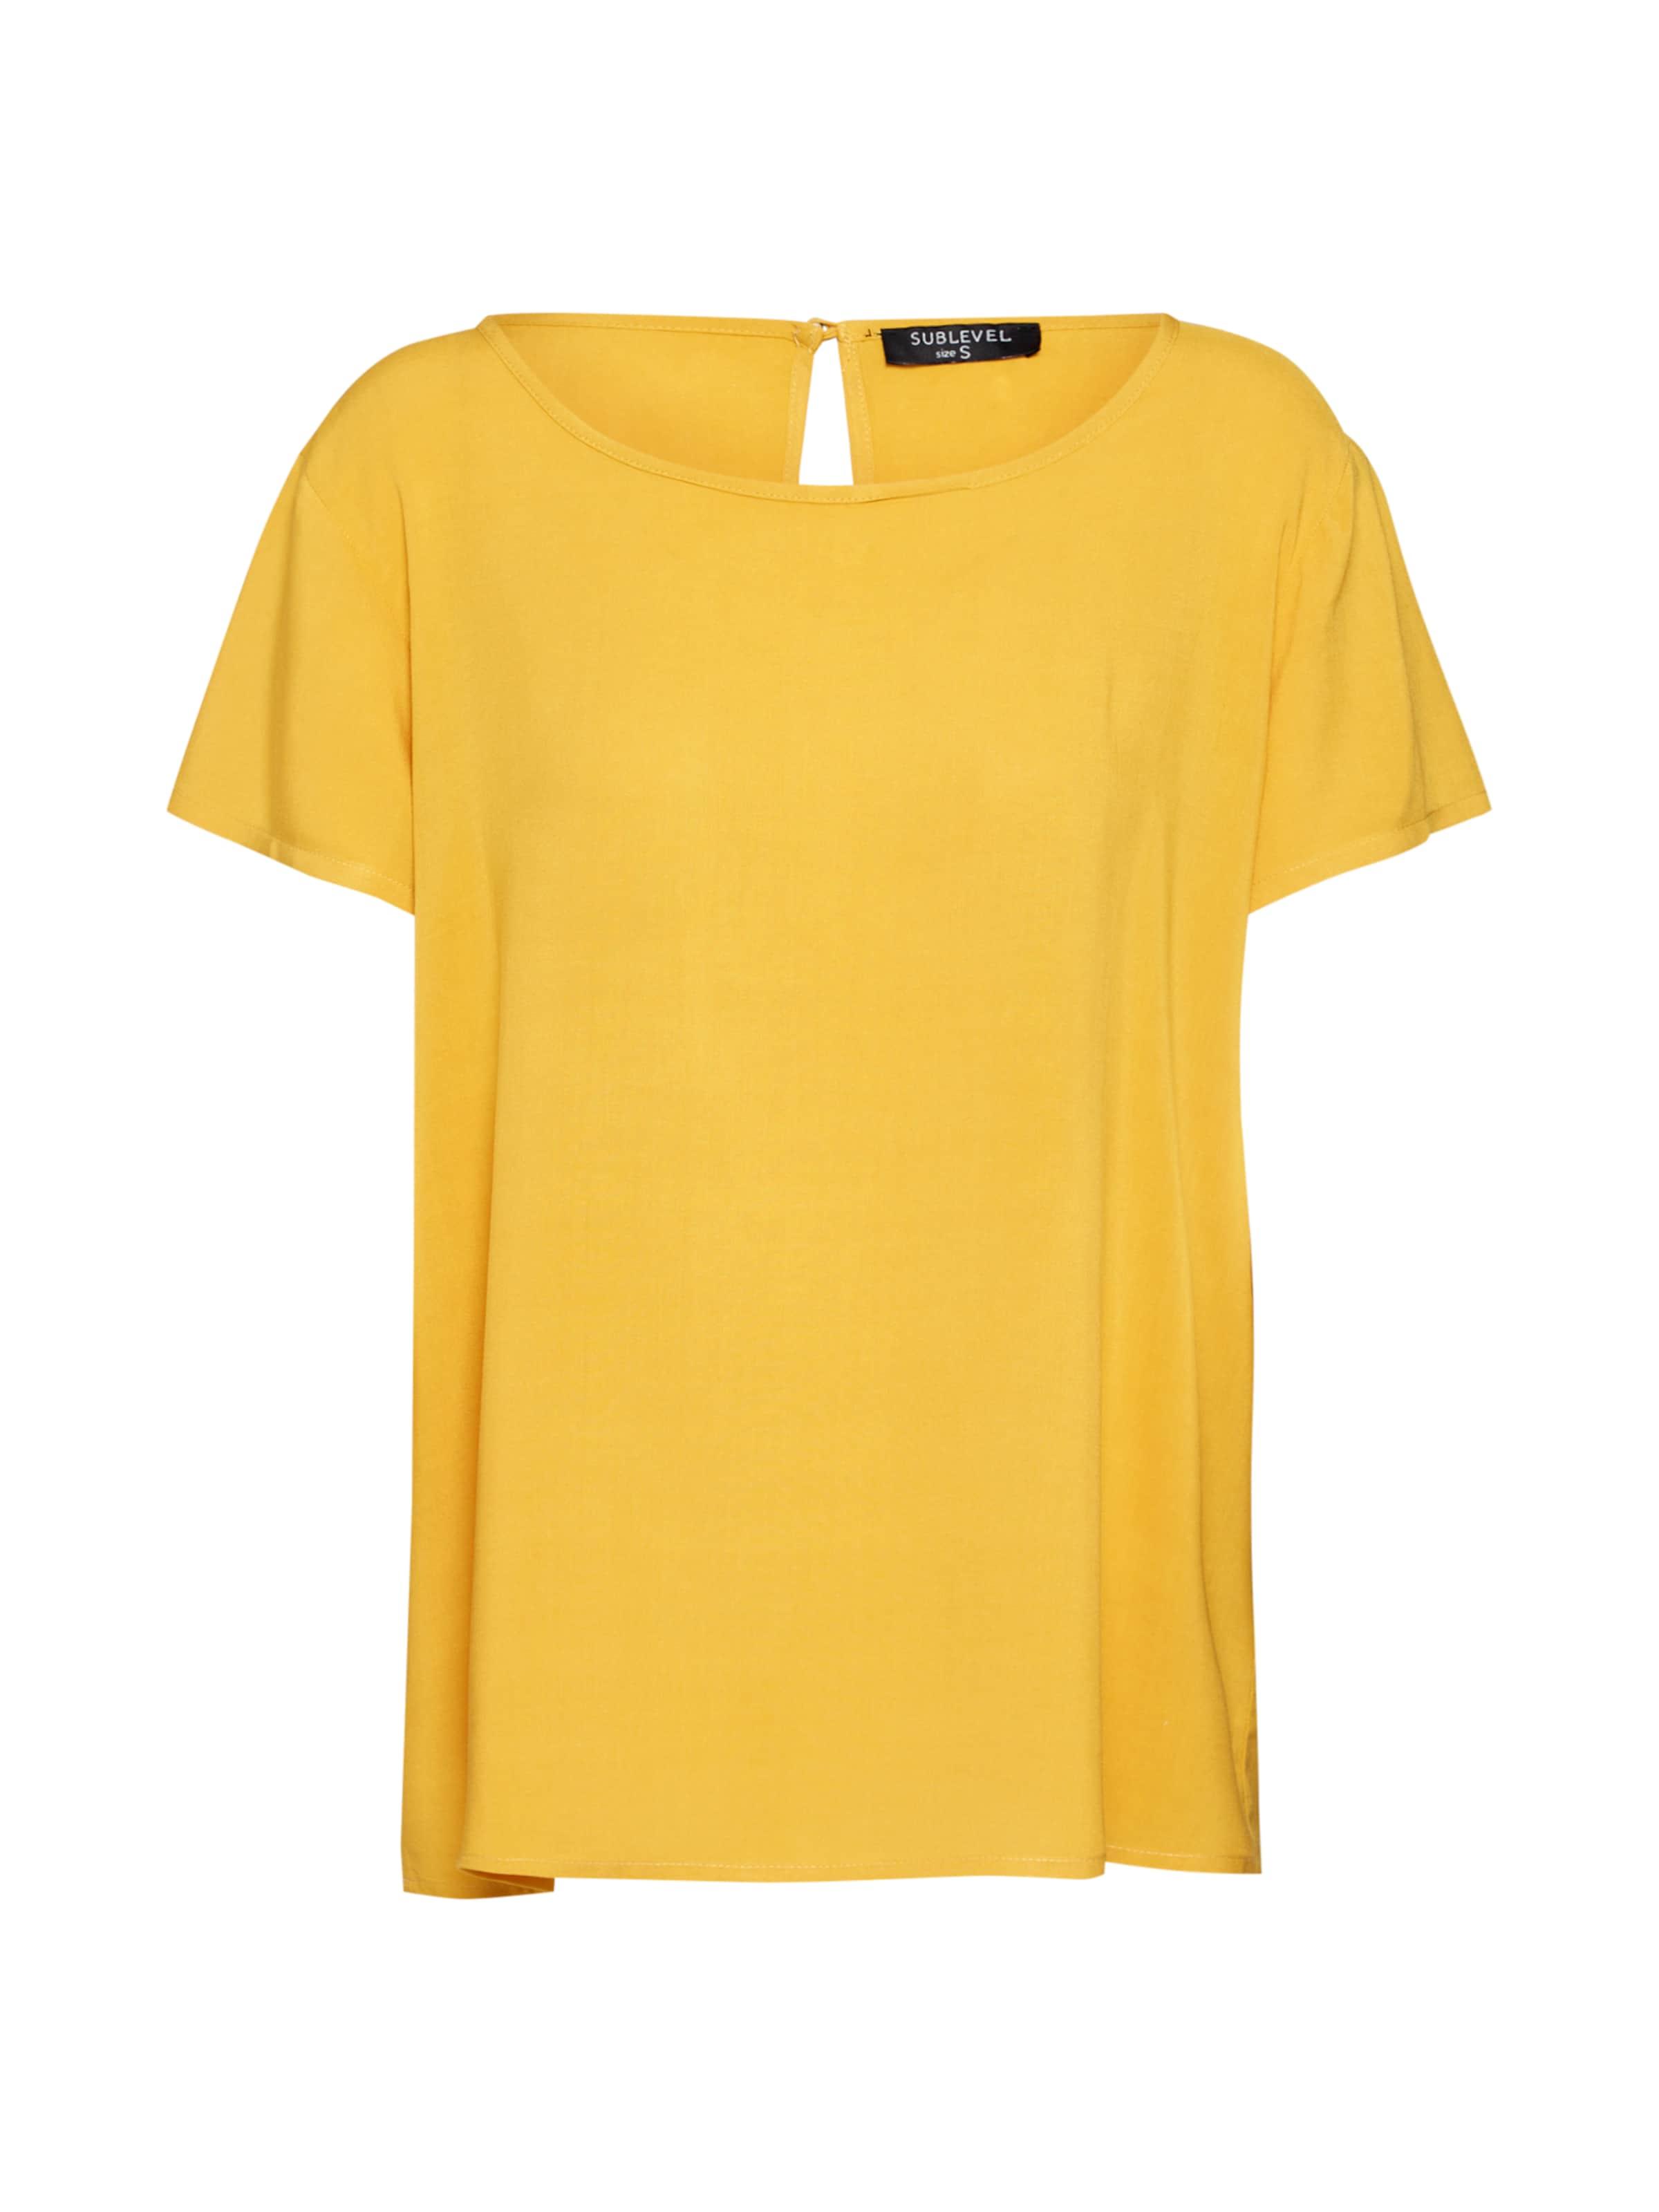 shirt Sublevel T 'd73760m10953b' Jaune En c54jq3ALR